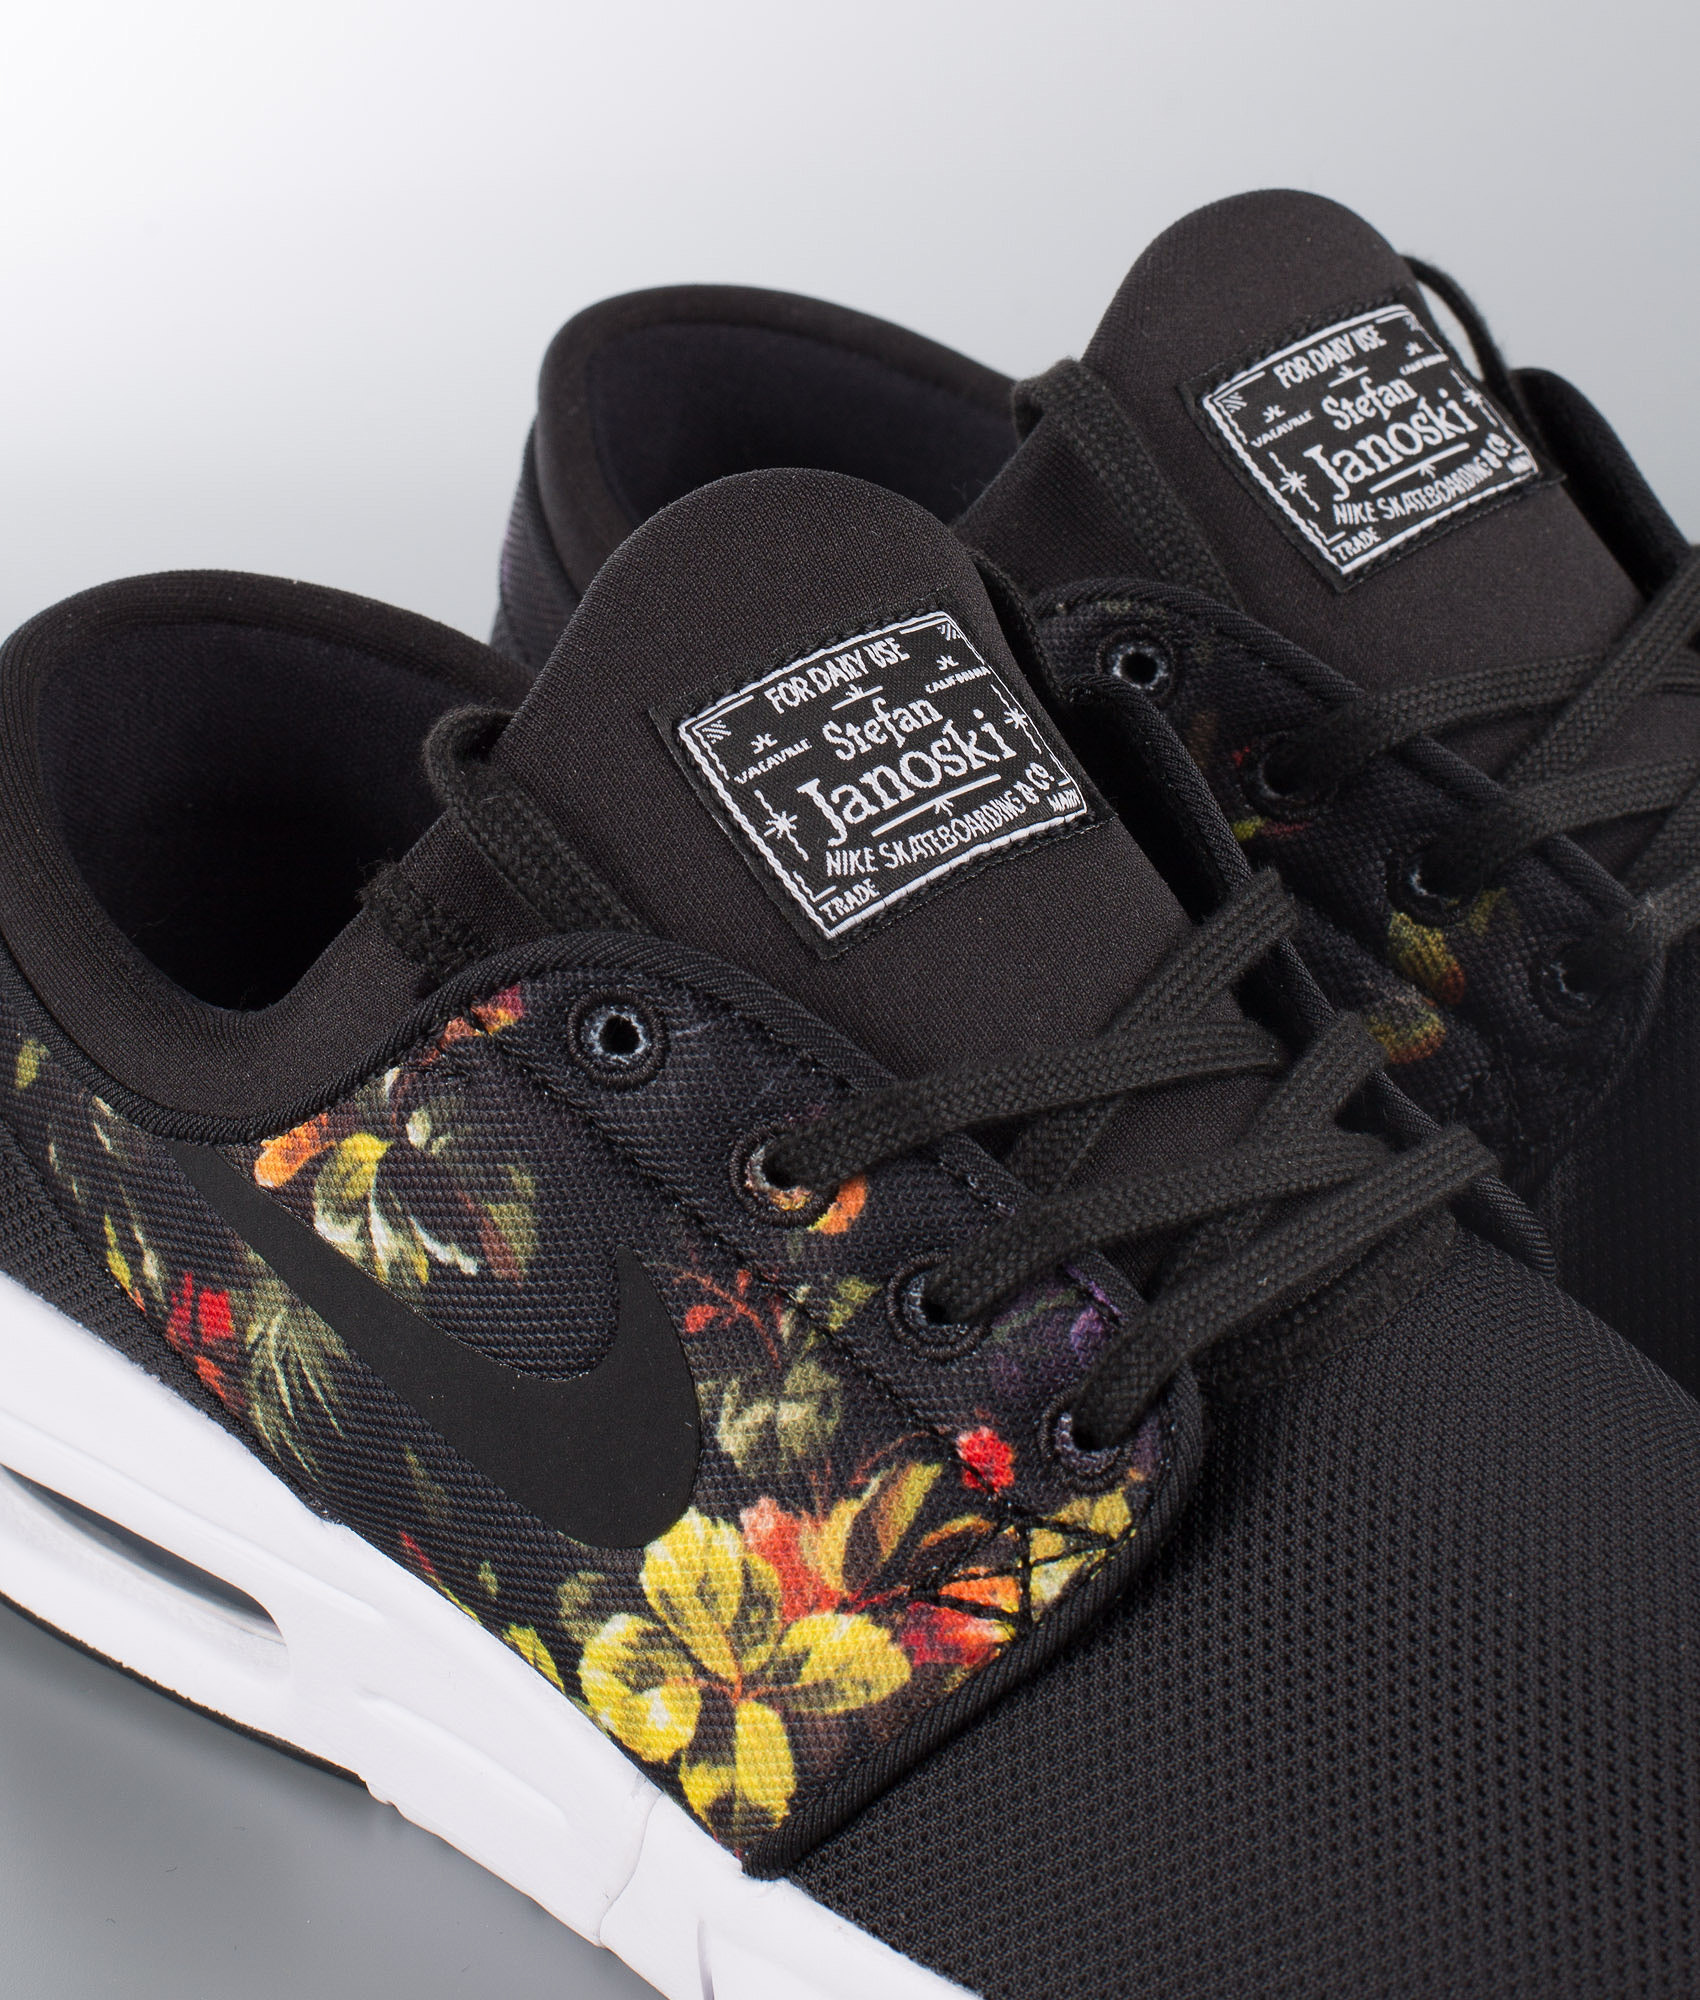 83970d57fb Nike Stefan Janoski Max Shoes Black/Black-Multi-Color